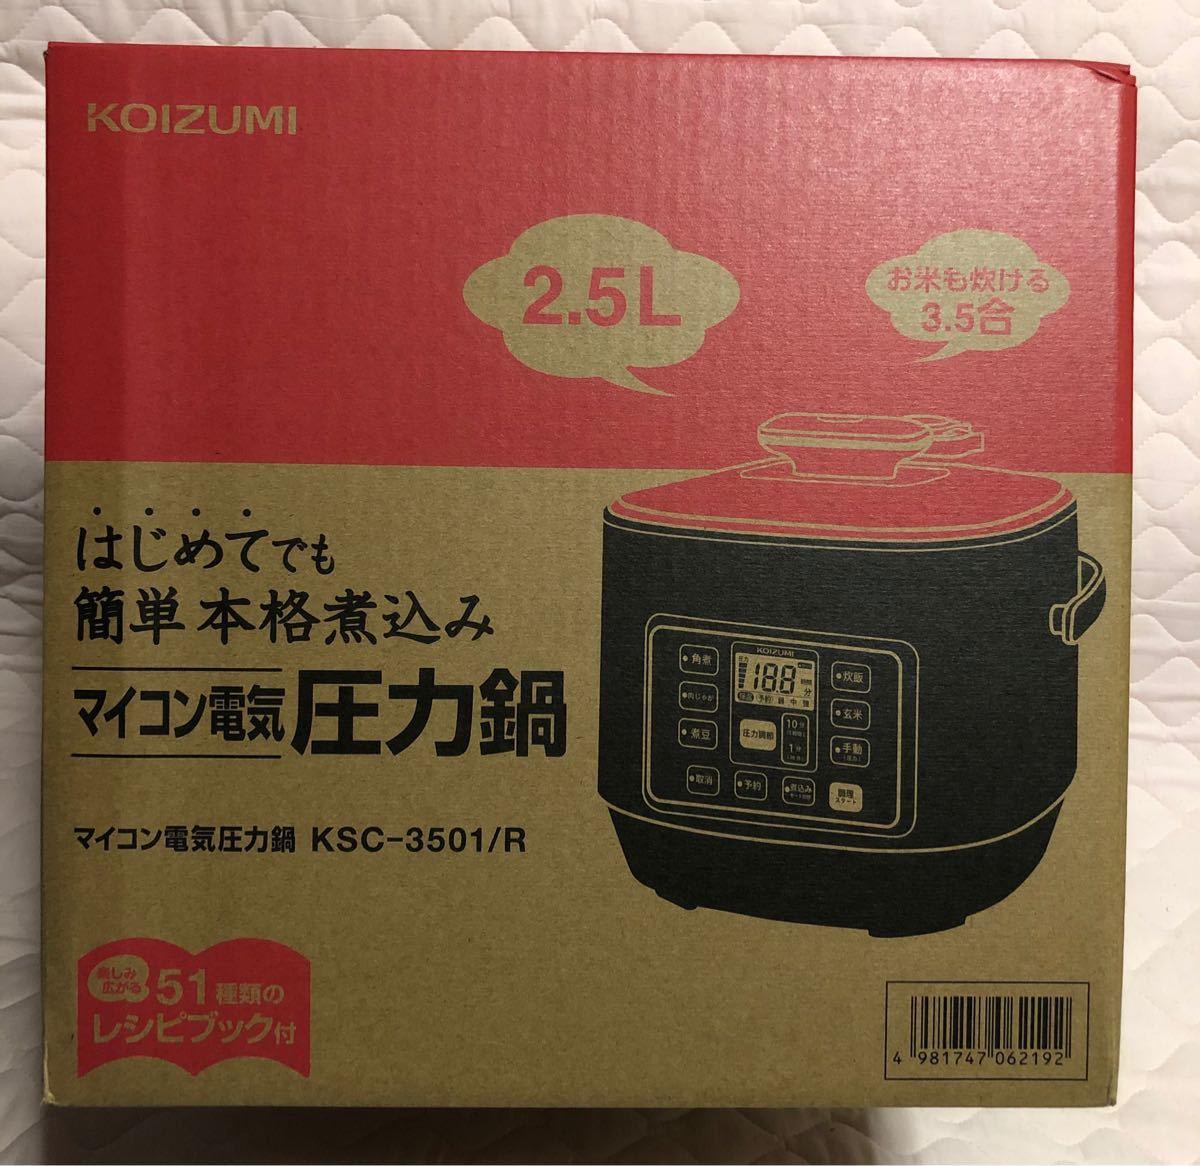 コイズミ マイコン電気圧力鍋 KOIZUMI KSC-3501/R